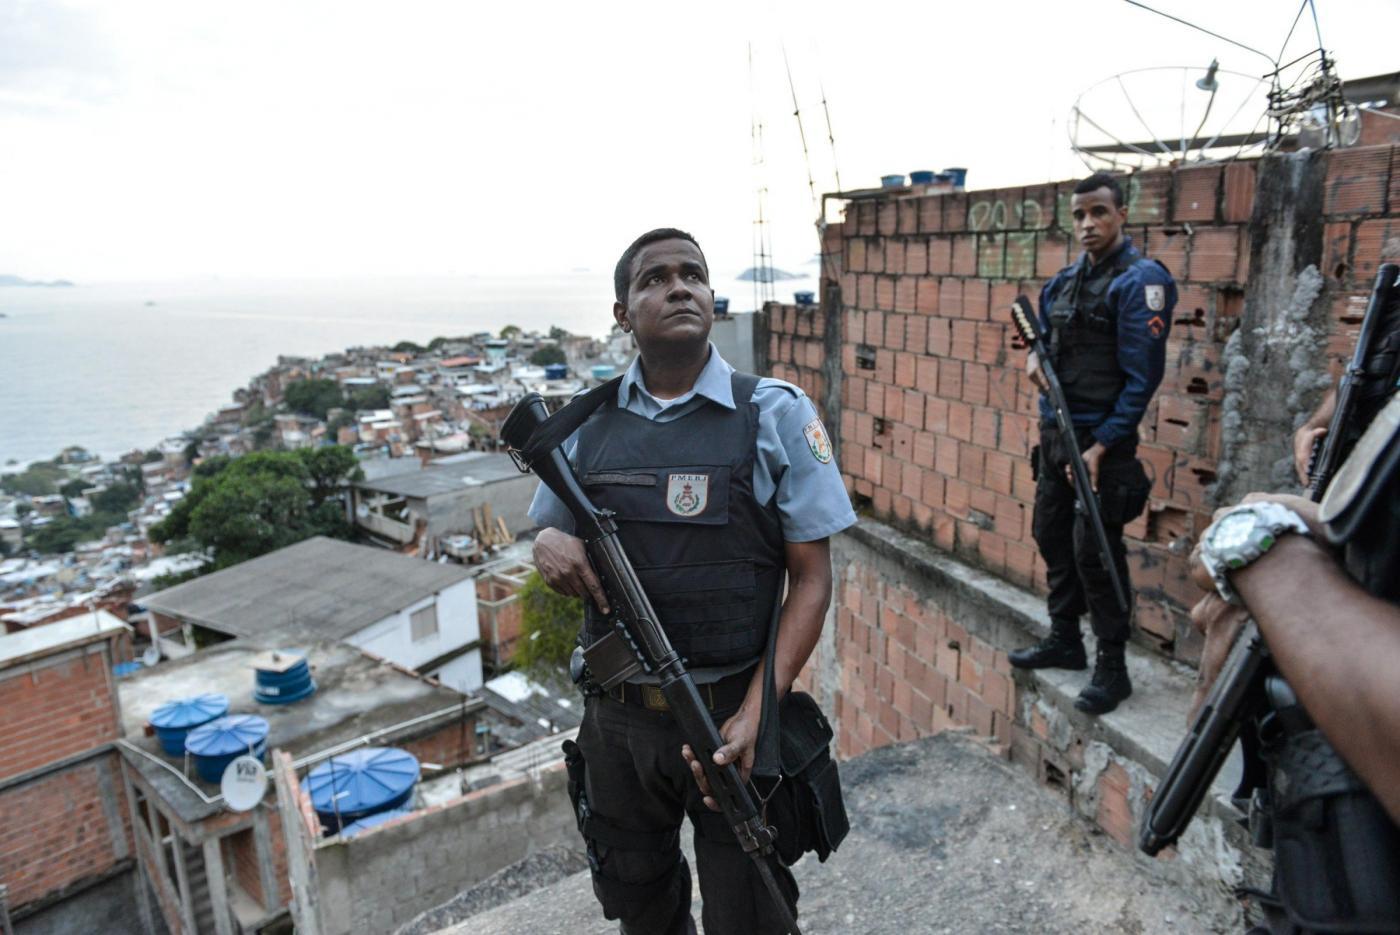 Irruzione della Polizia antidroga brasiliana nelle favelas di Rio de Janeiro